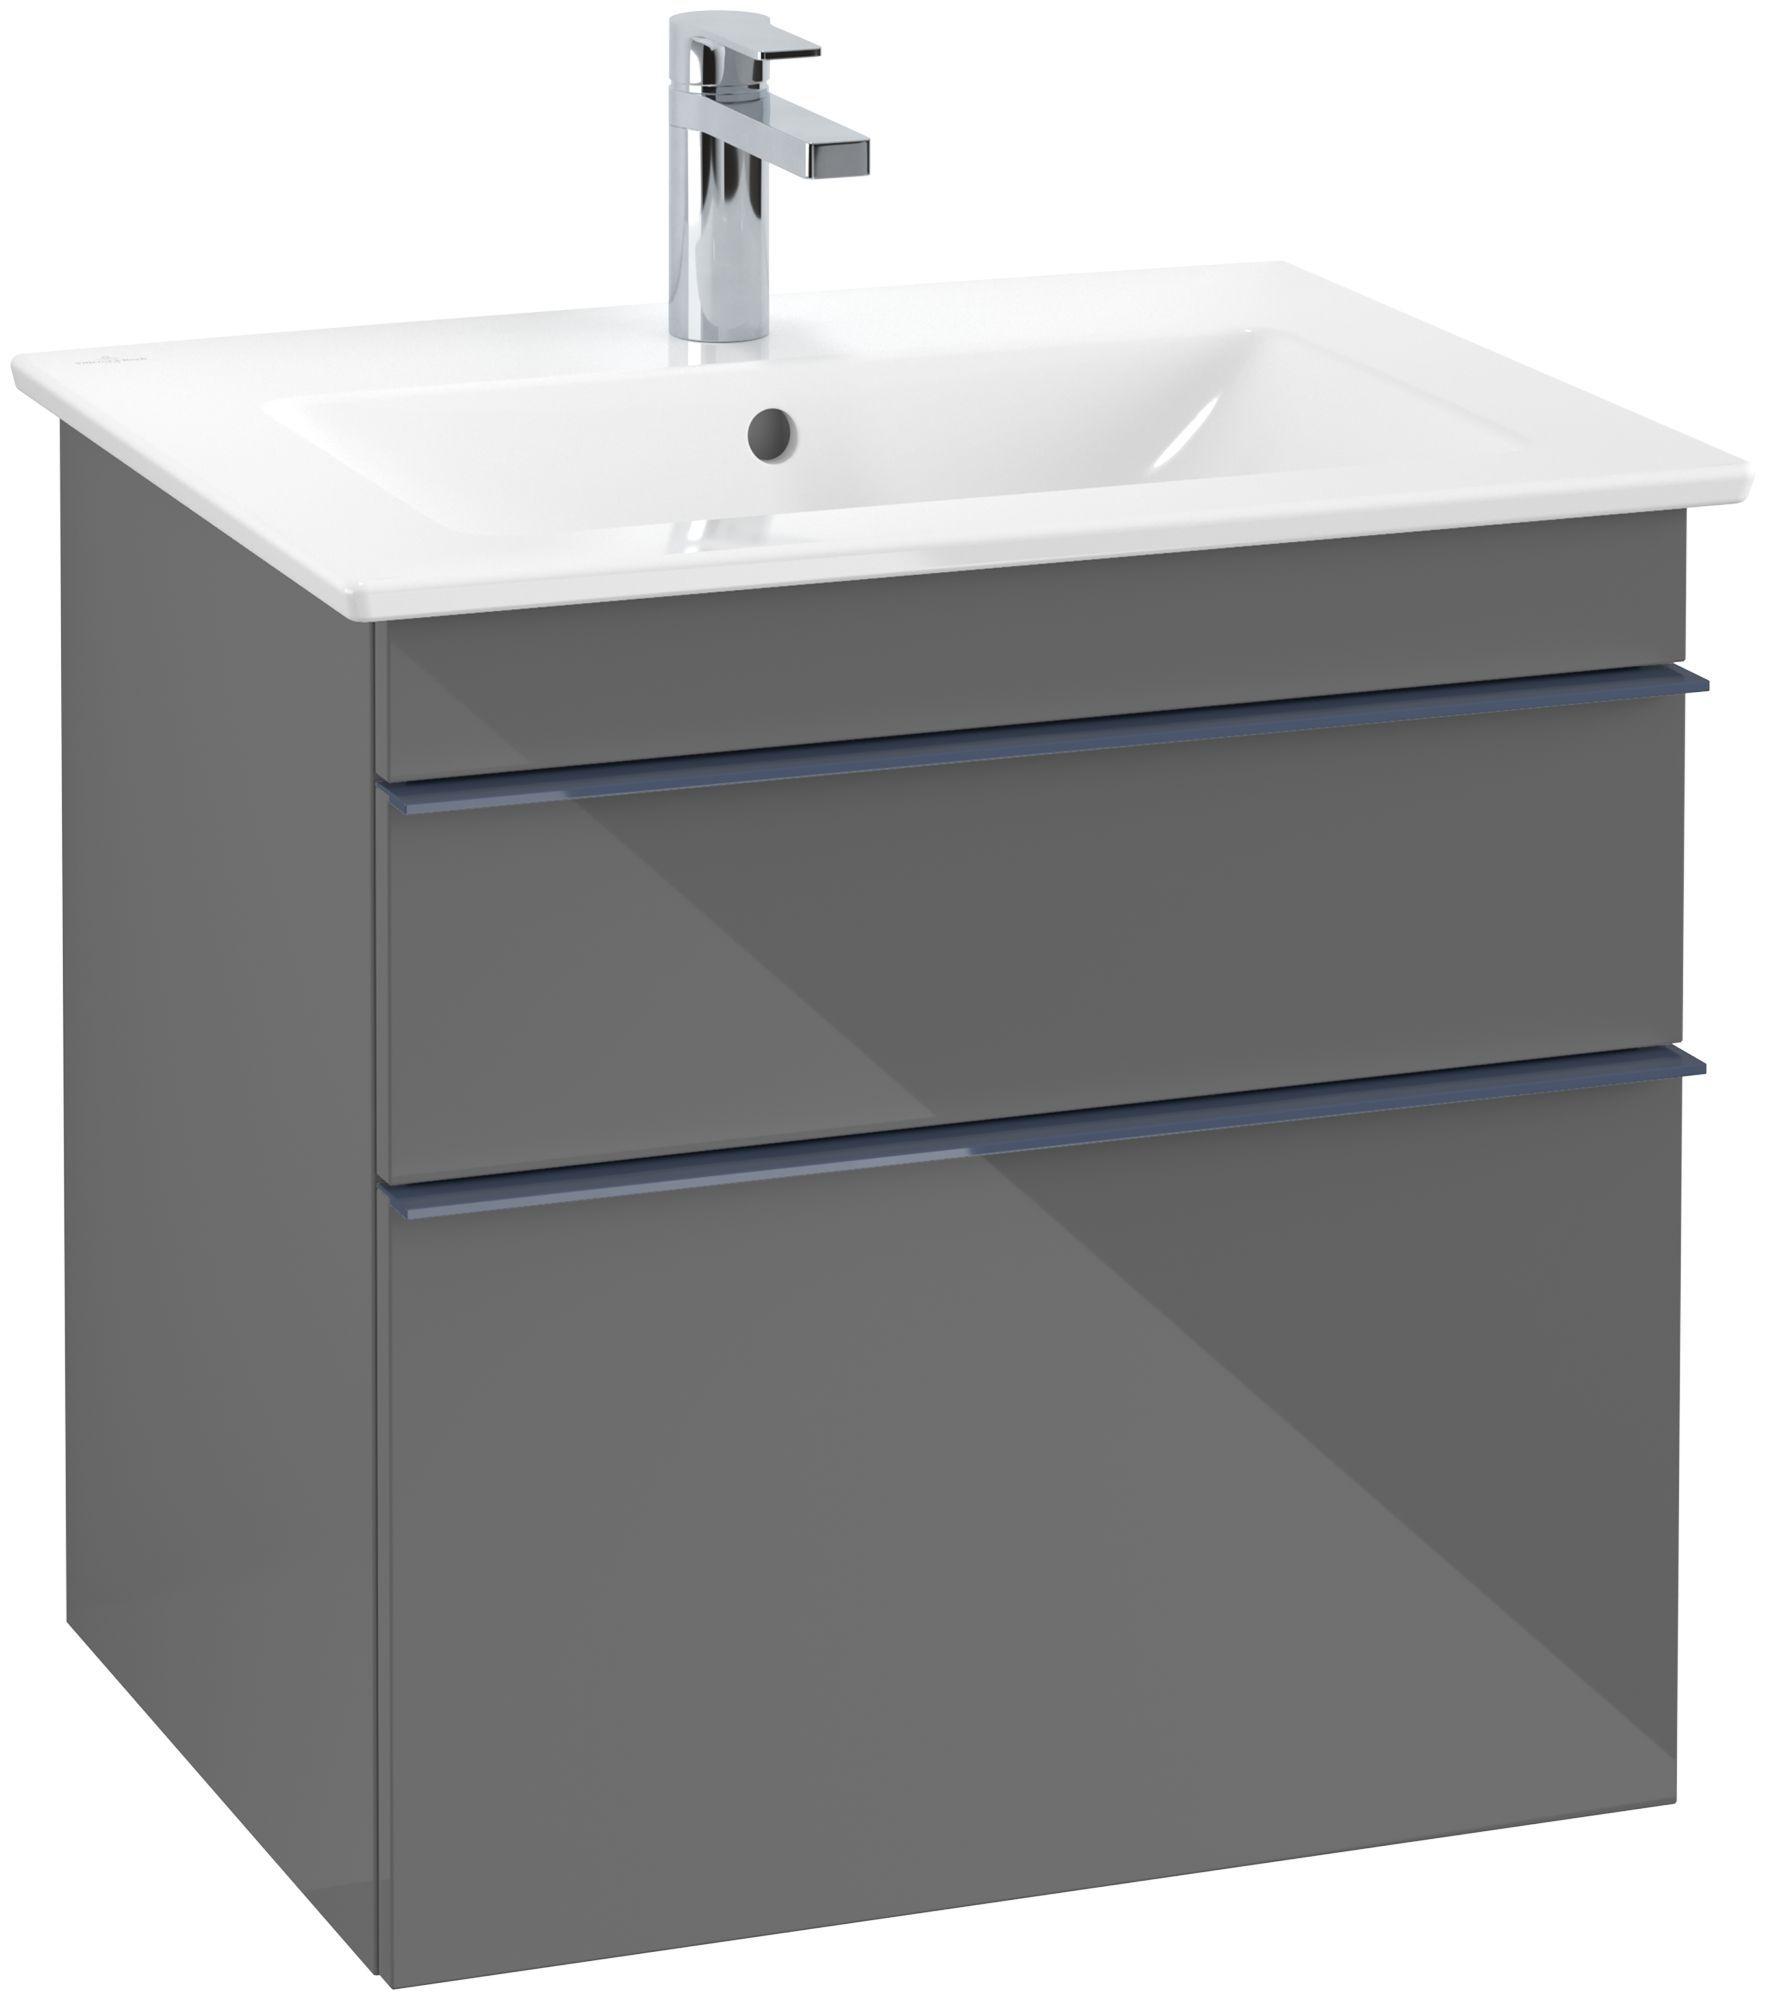 Villeroy & Boch Venticello Waschtischunterschrank 2 Auszüge B:603xT:502xH:590mm glossy grey Griffe blau A92404FP